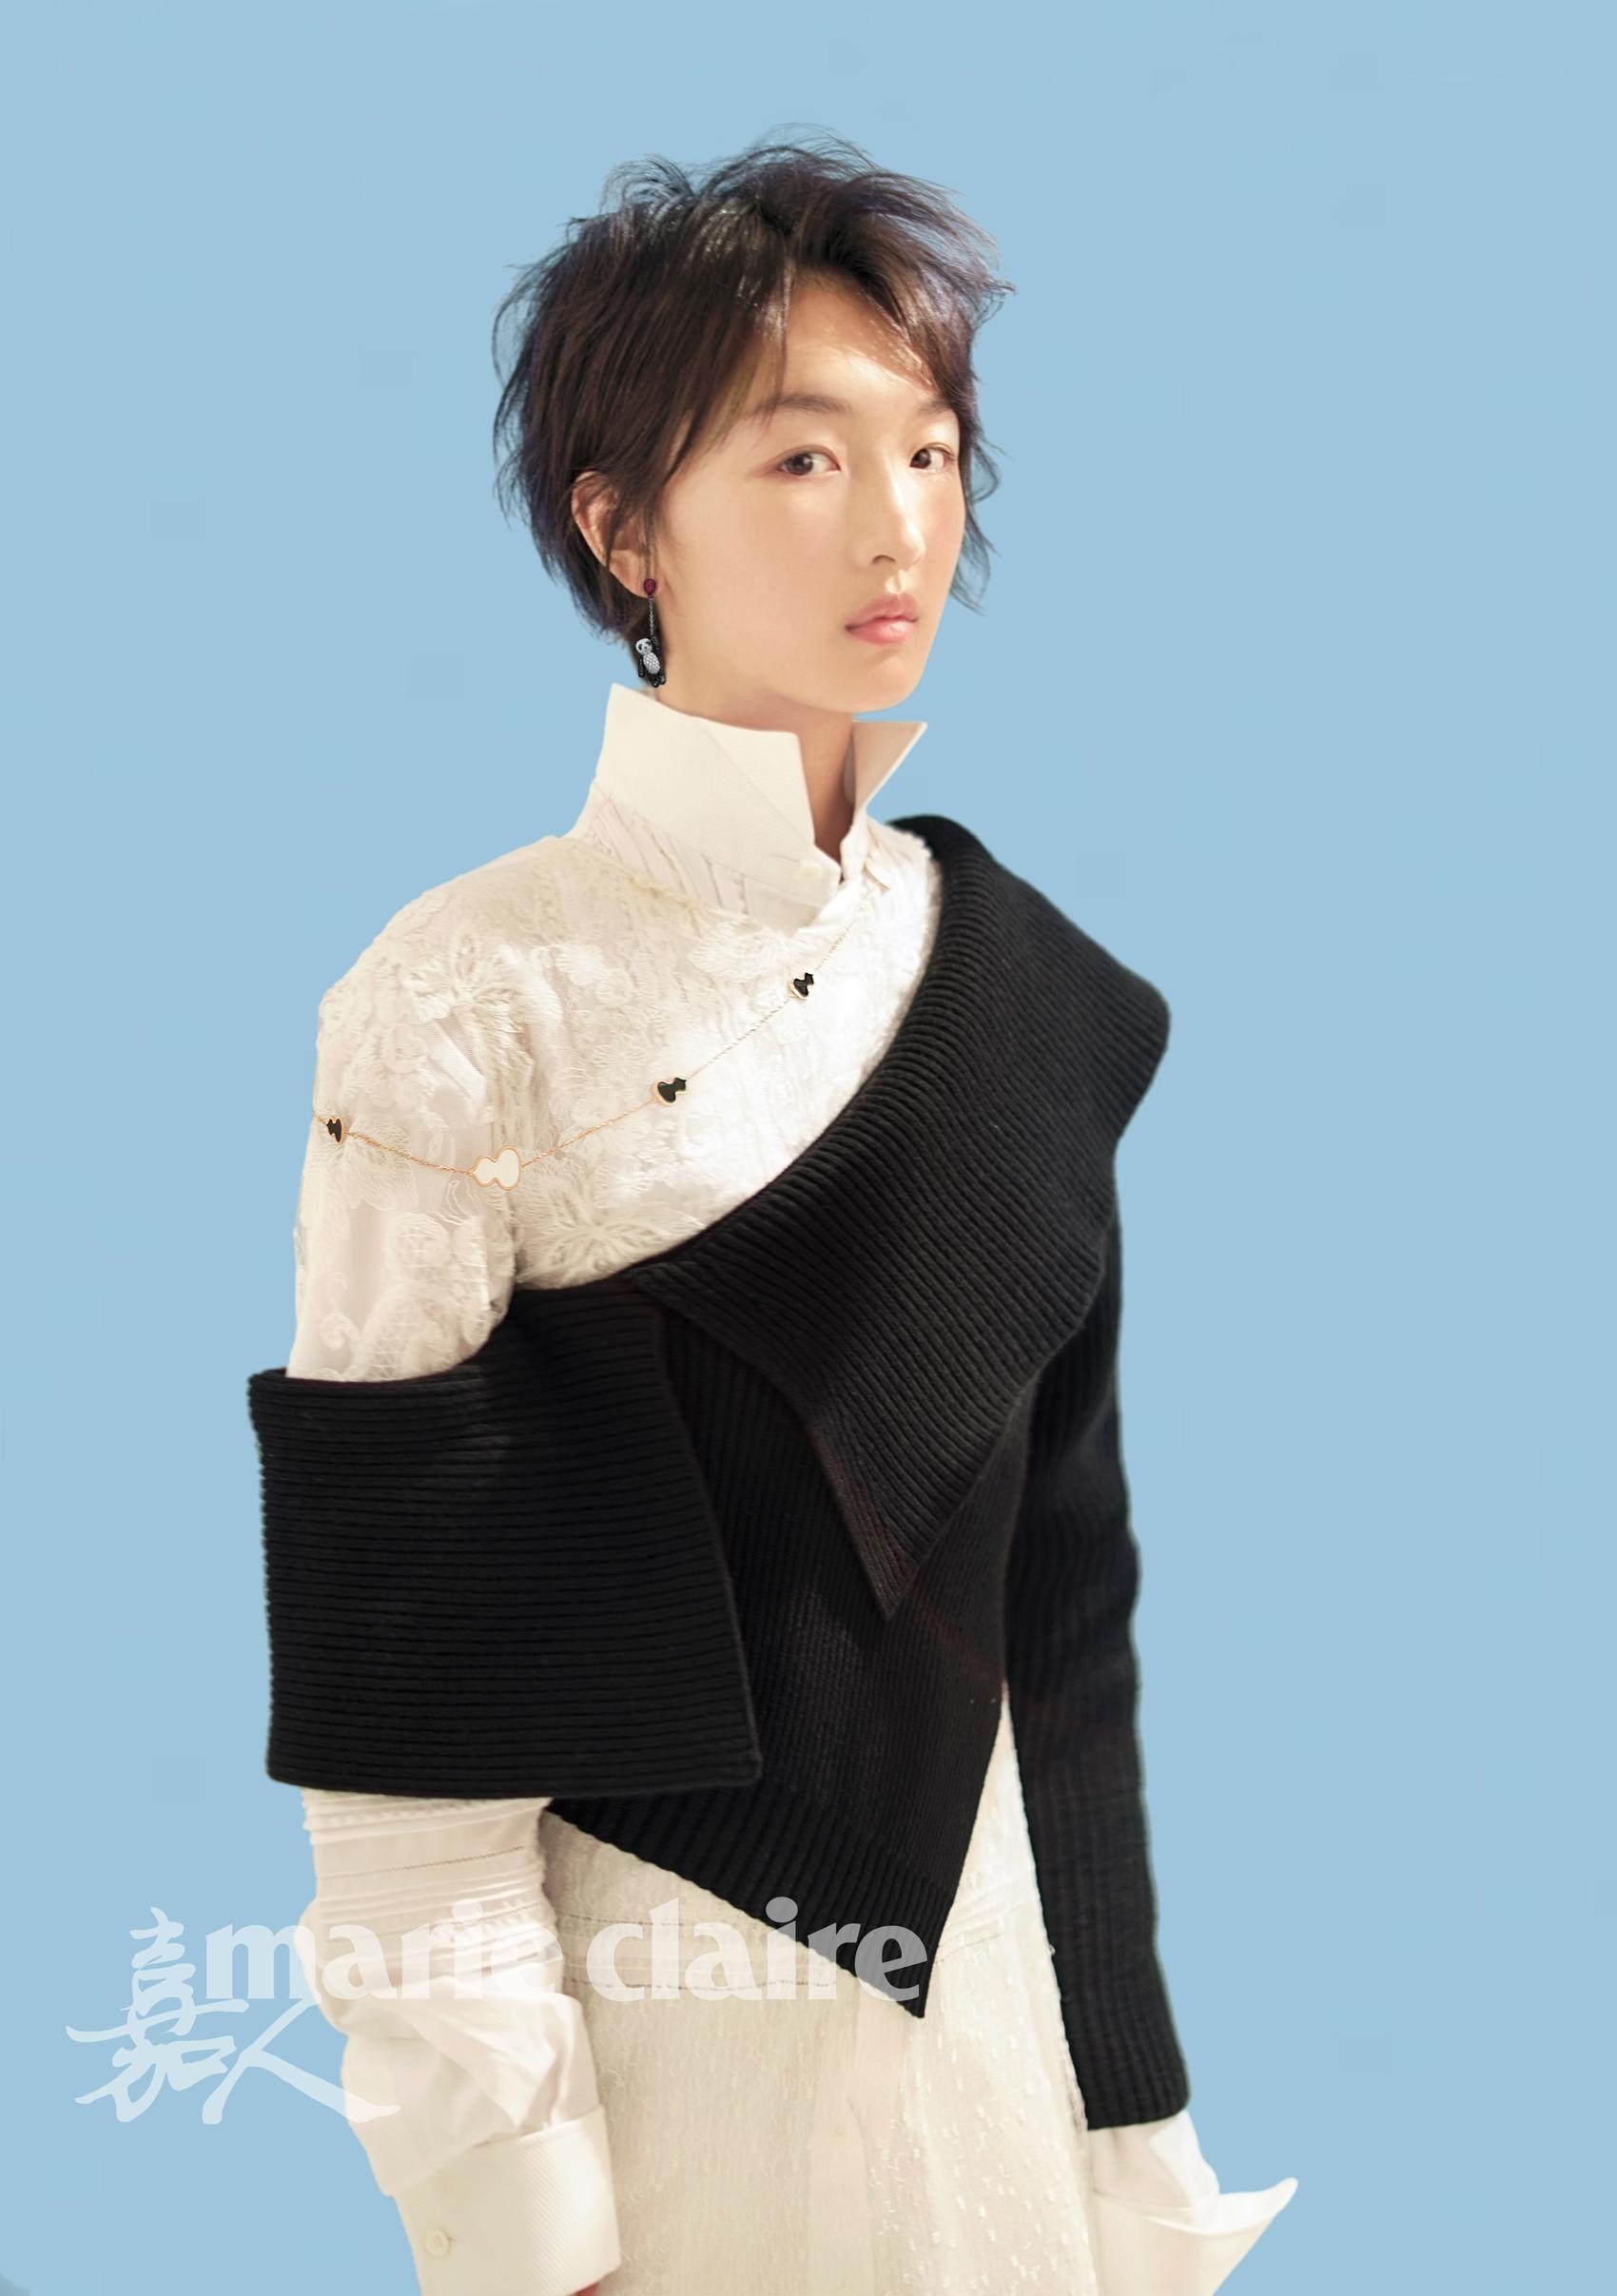 周冬雨登杂志封面 素颜出镜清爽恬静